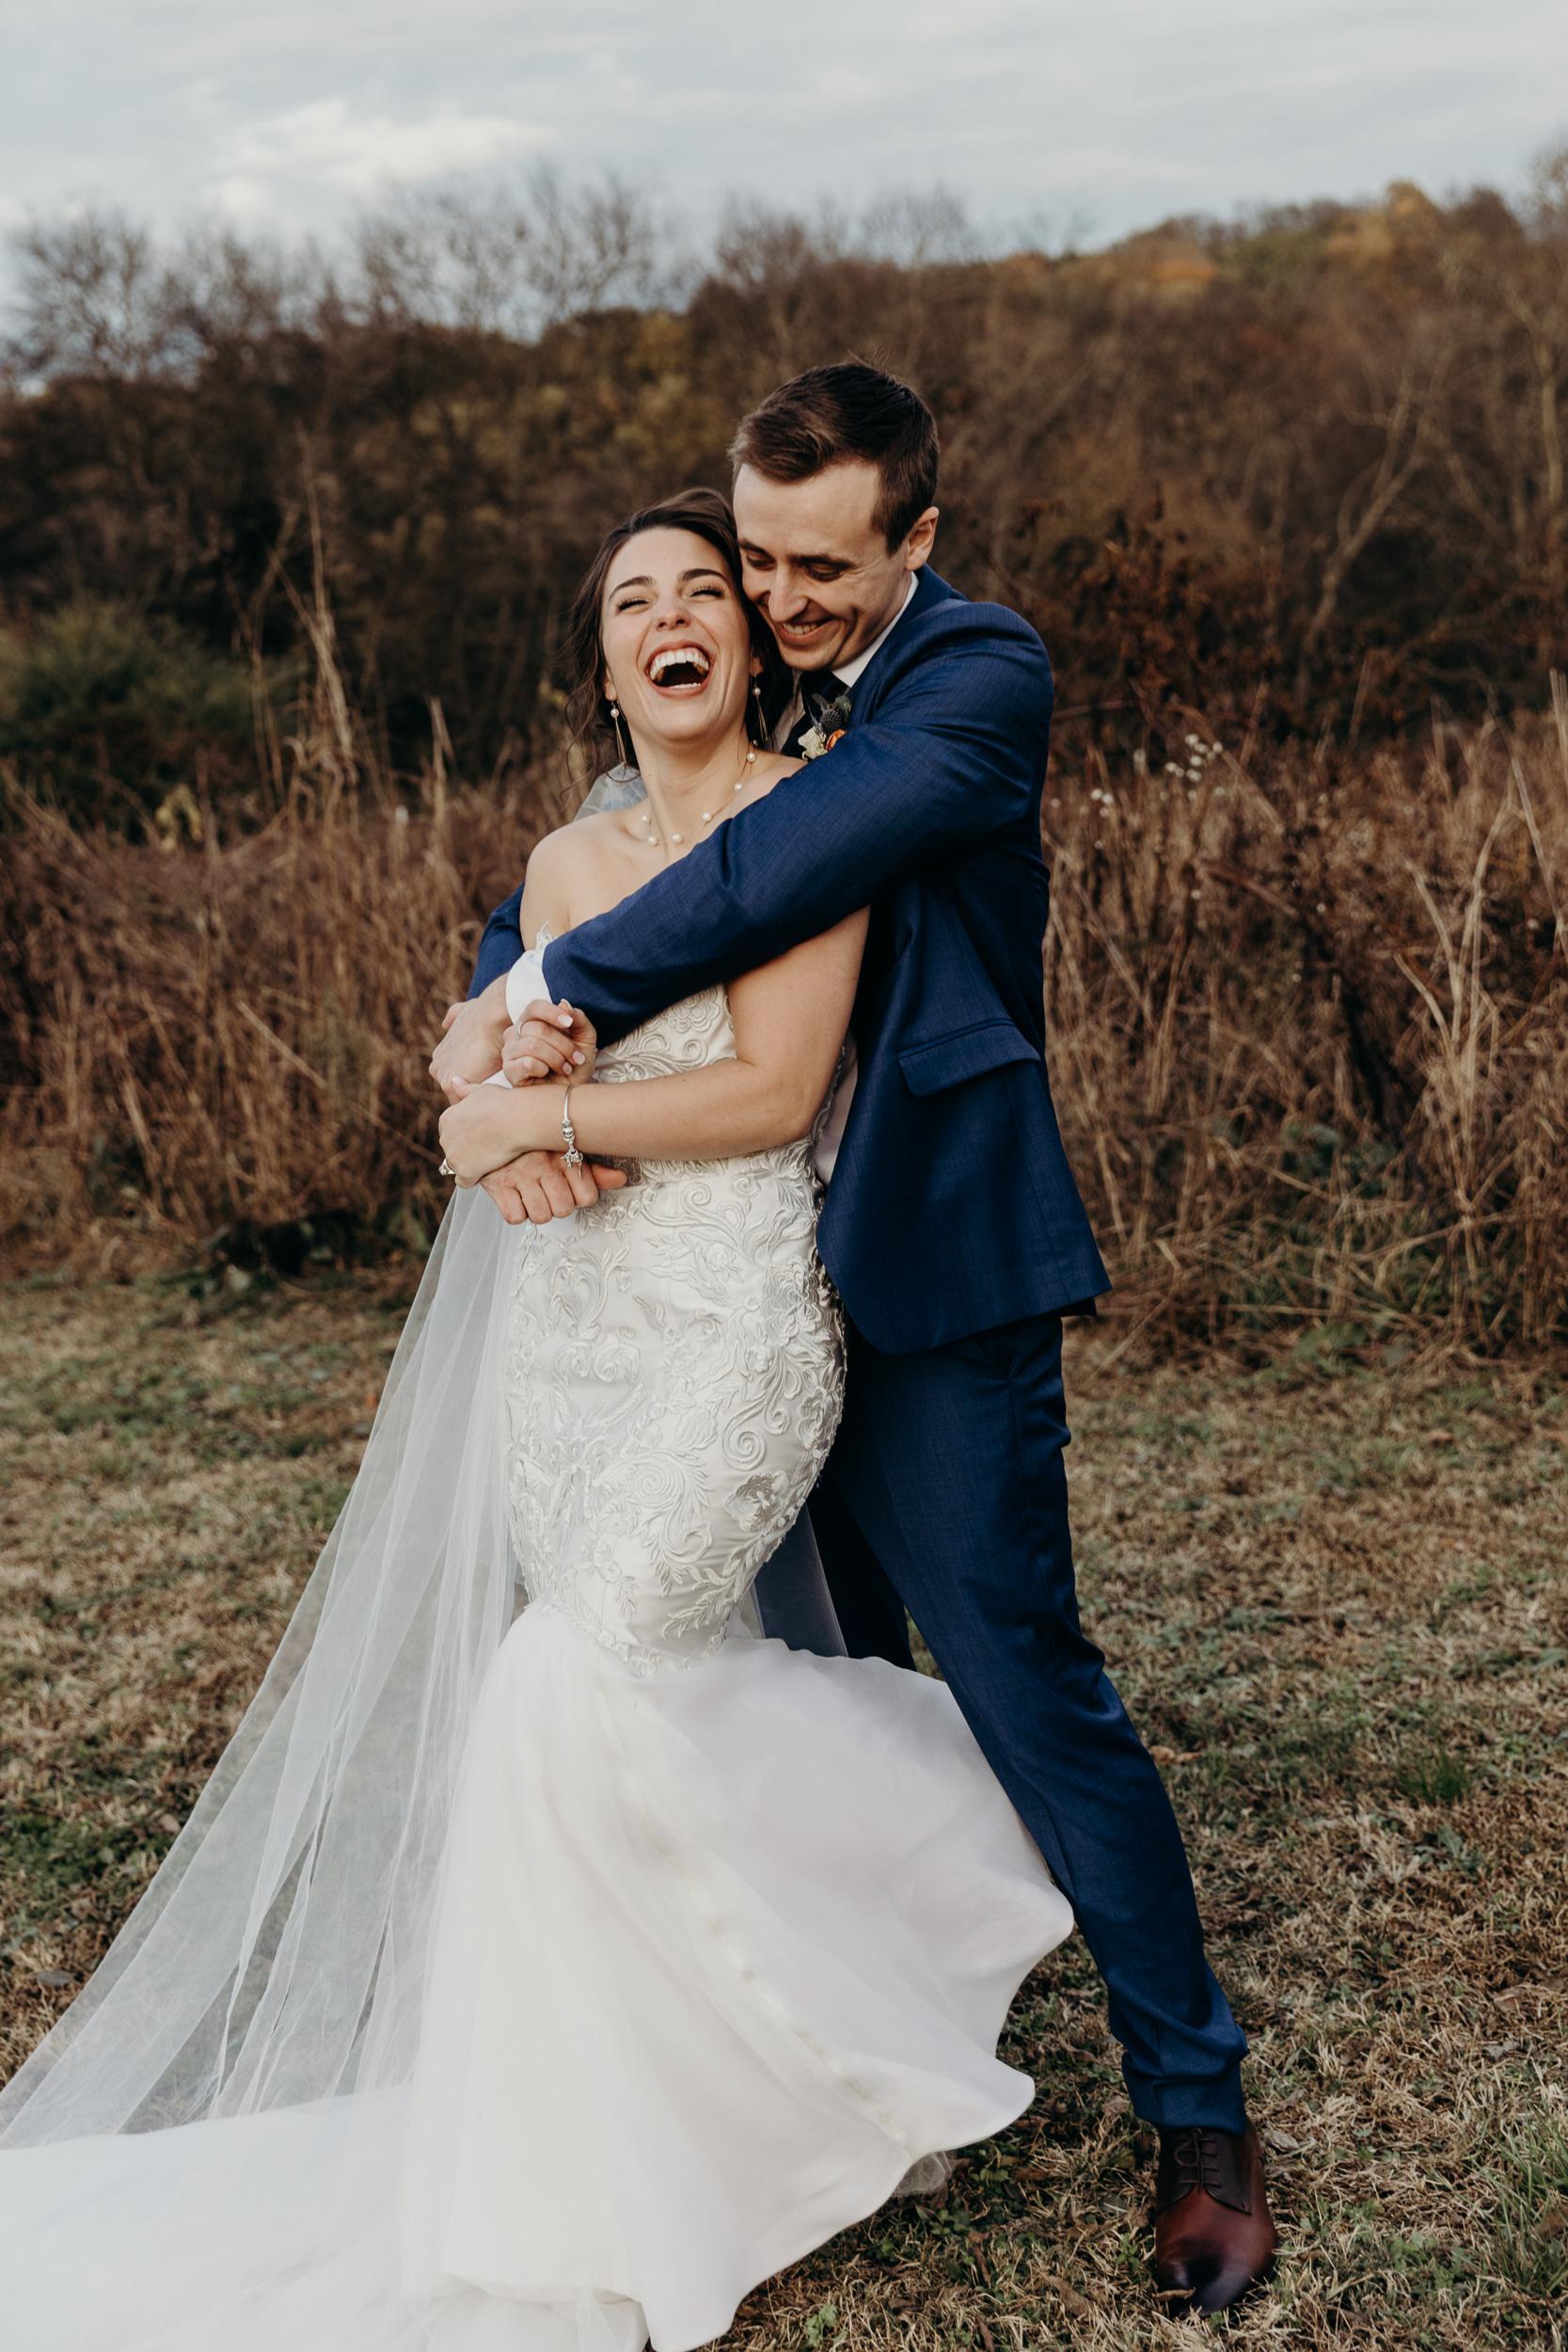 652-ltw-morgan-adam-wedding.jpg